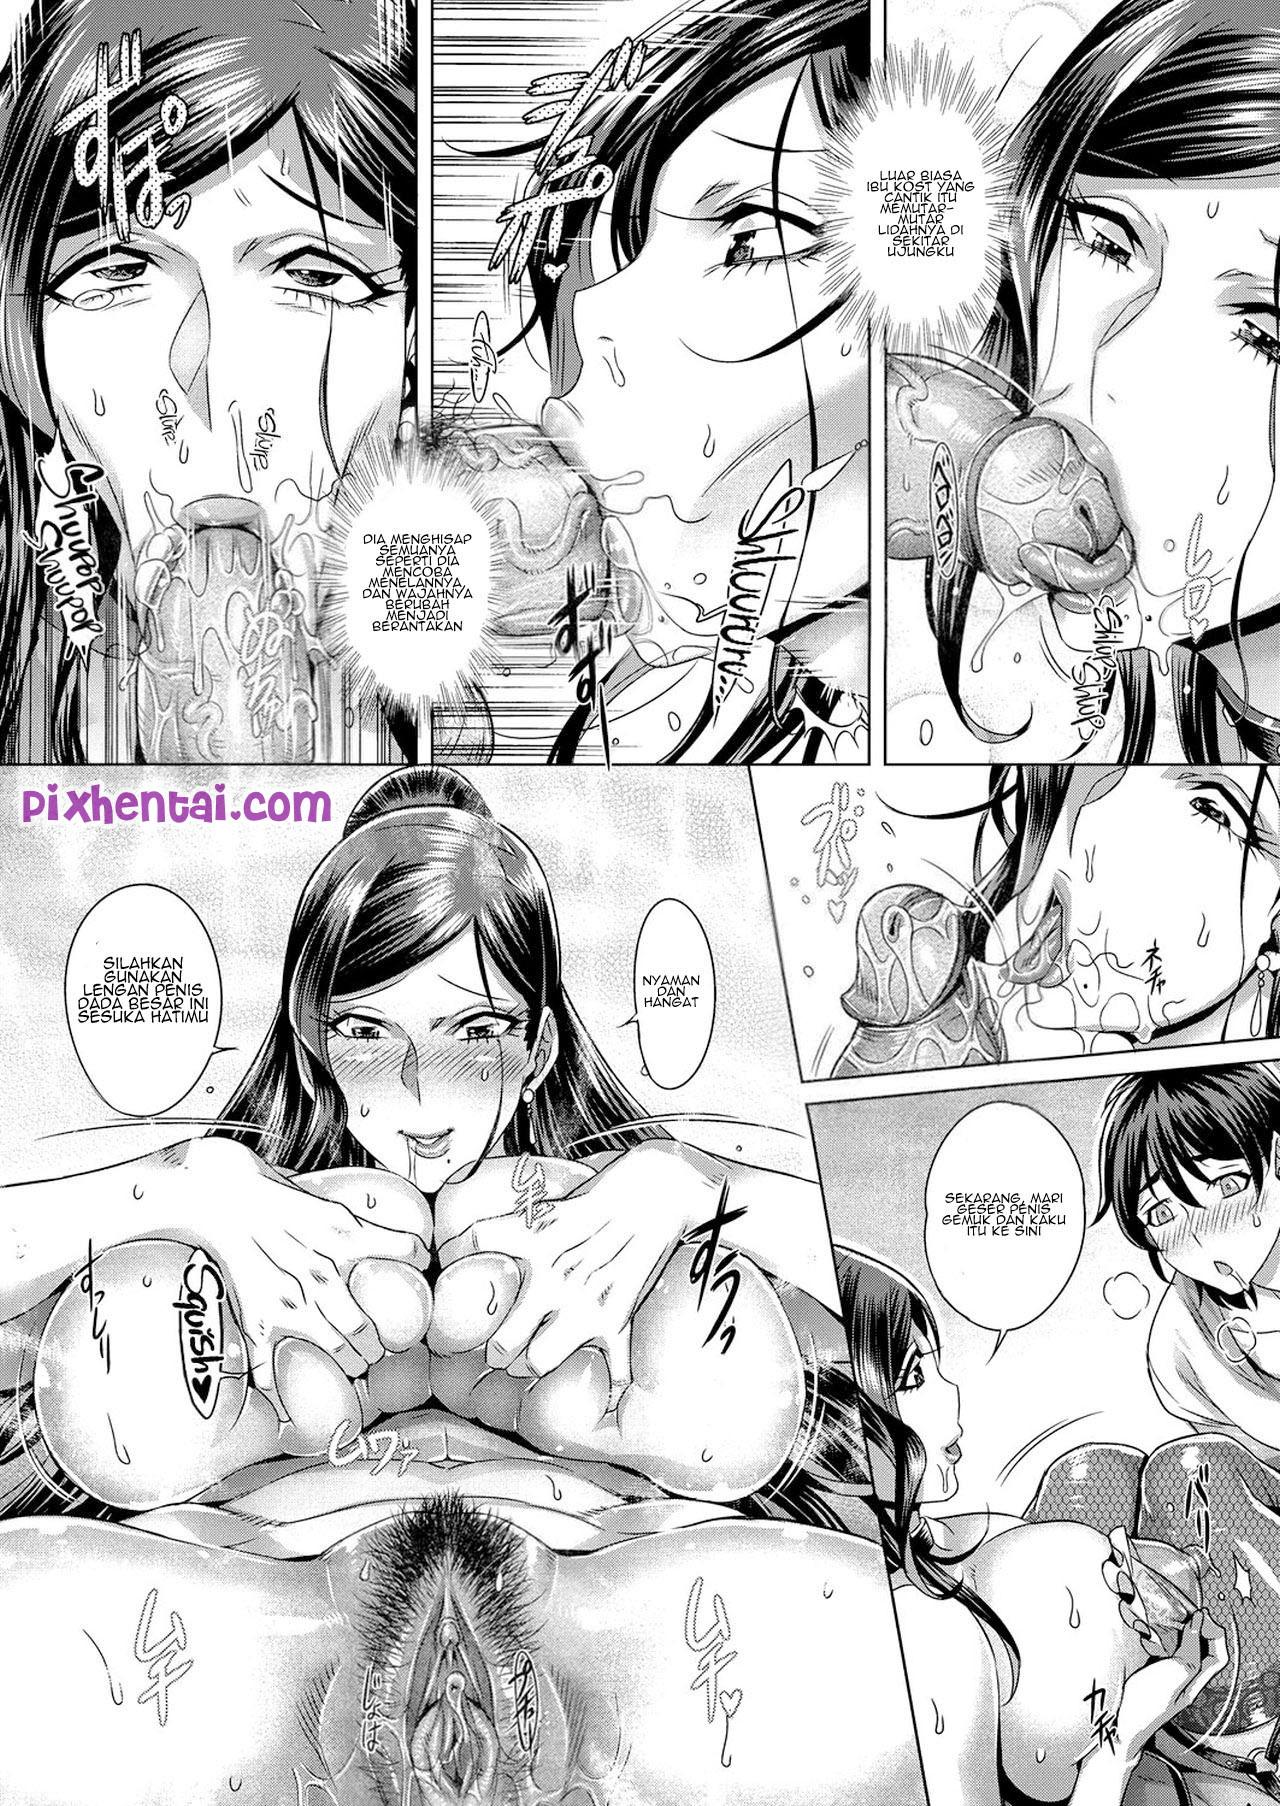 Komik hentai xxx manga sex bokep ibu kost montok dientot fotografer 22